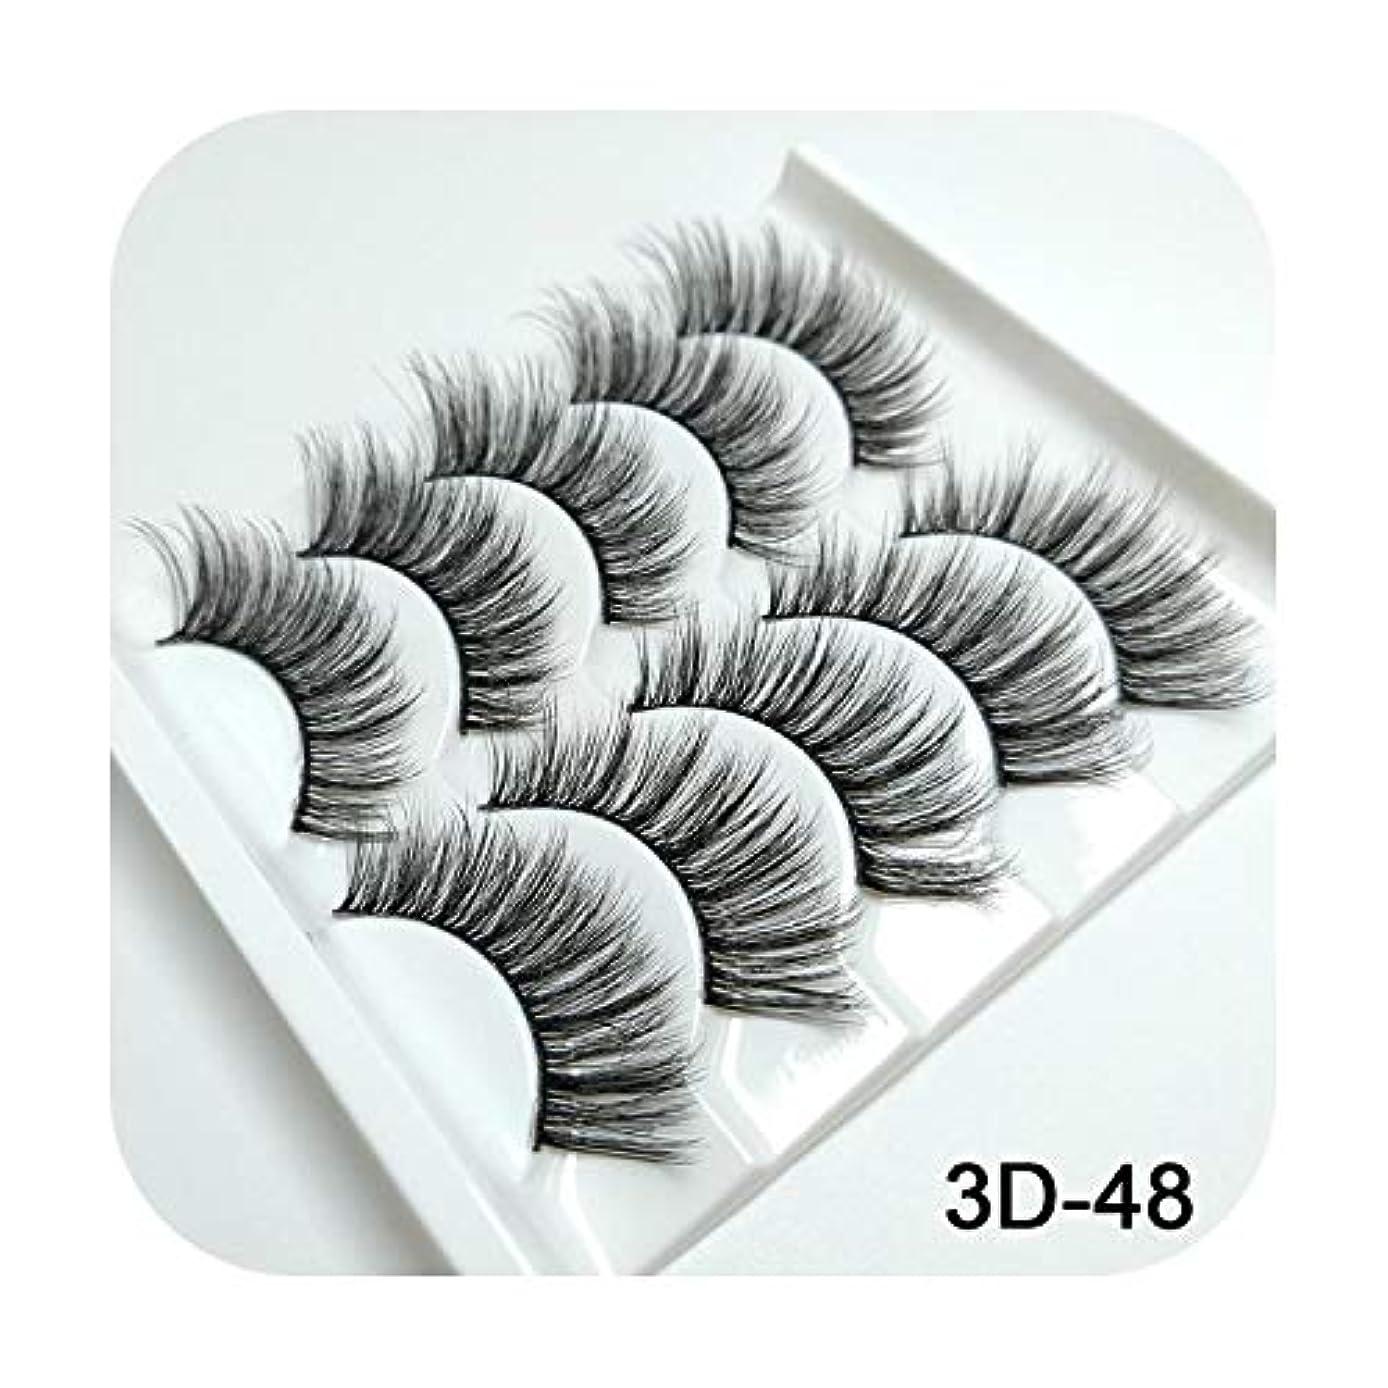 備品警告する師匠3Dミンクまつげナチュラルつけまつげロングまつげエクステンション5ペアフェイクフェイクラッシュ,3D-48